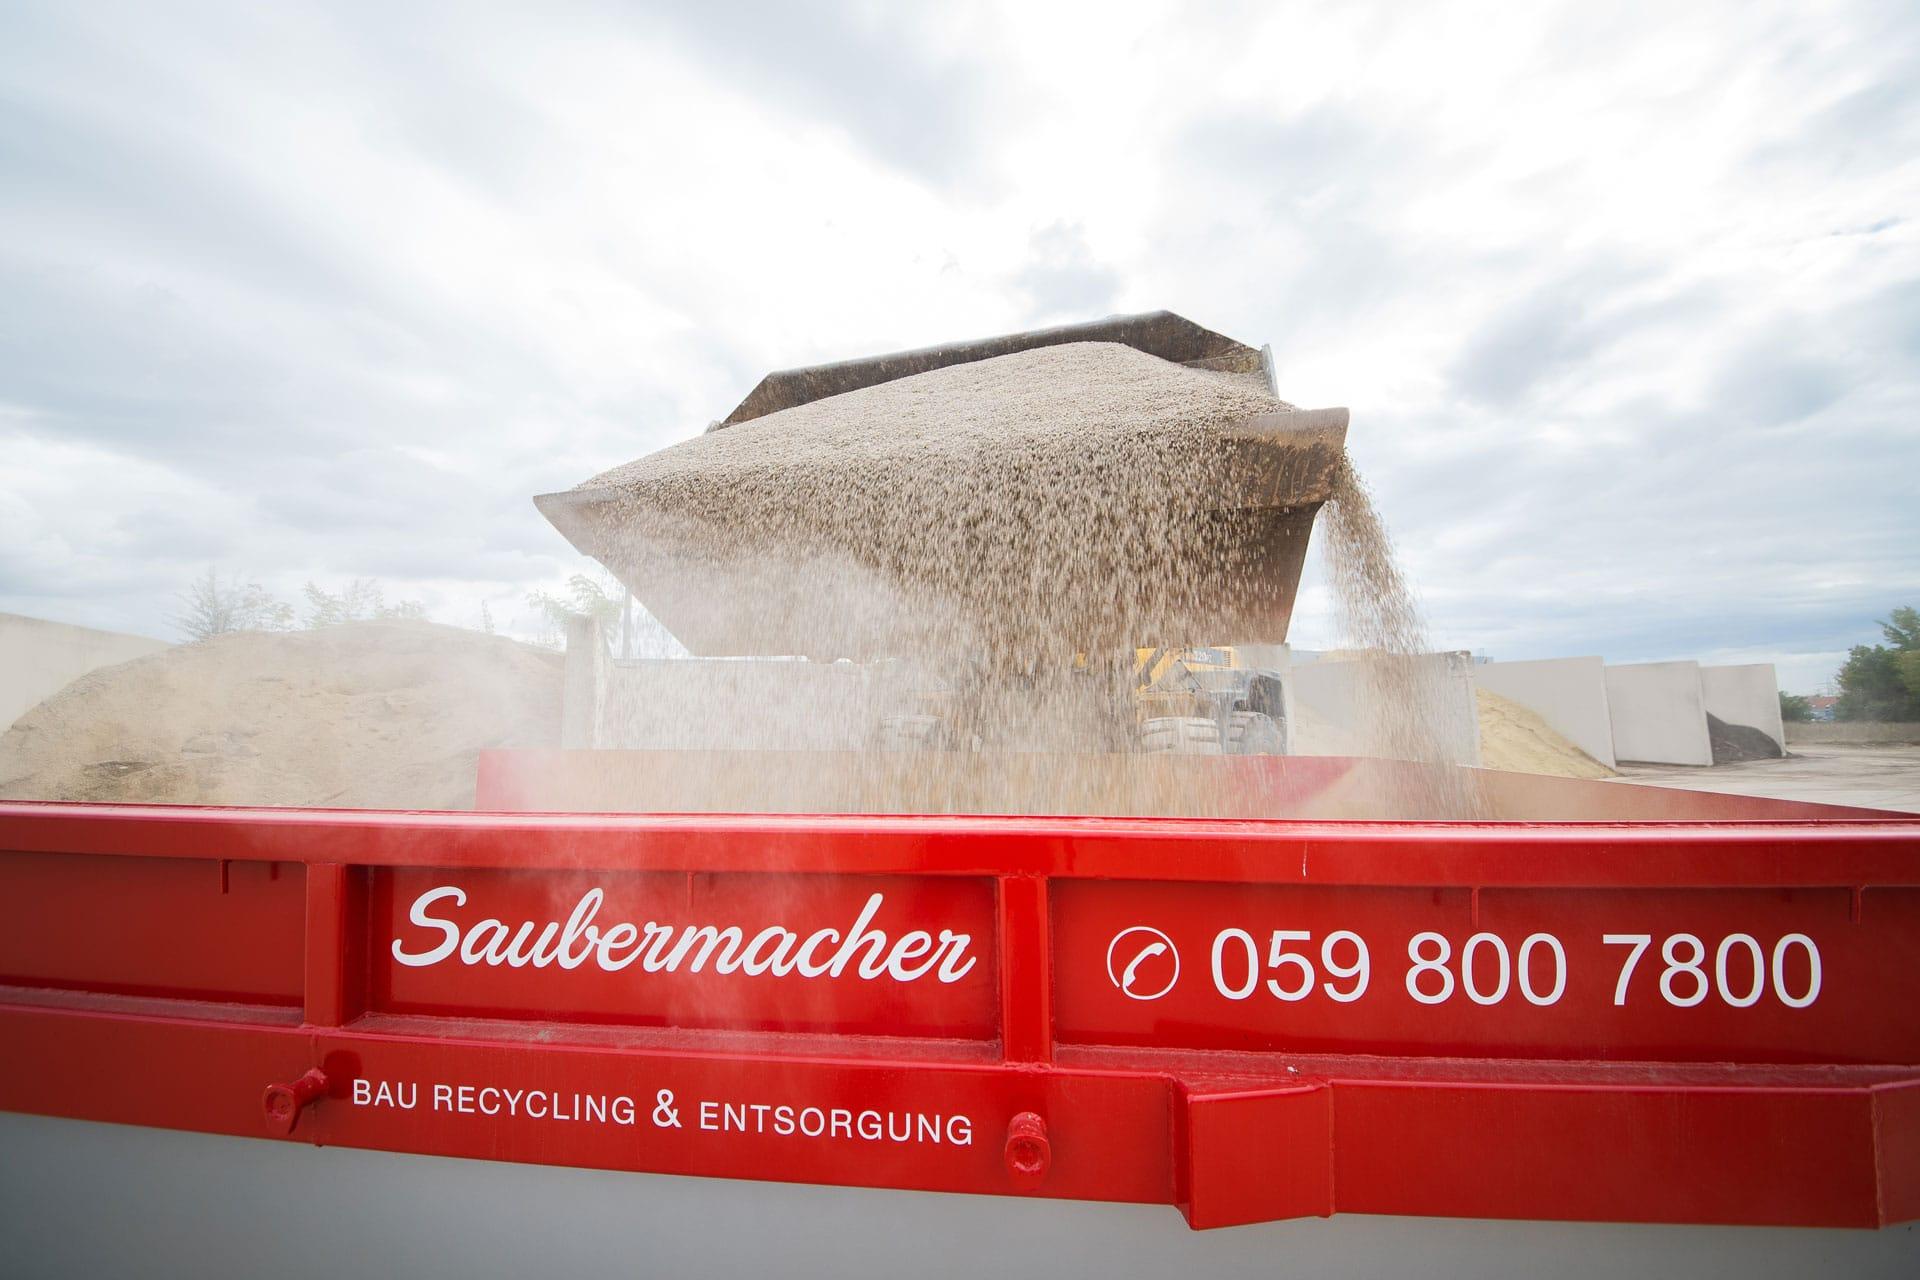 Sand wird in einen Saubermacher-Baurecycling-Container geleert